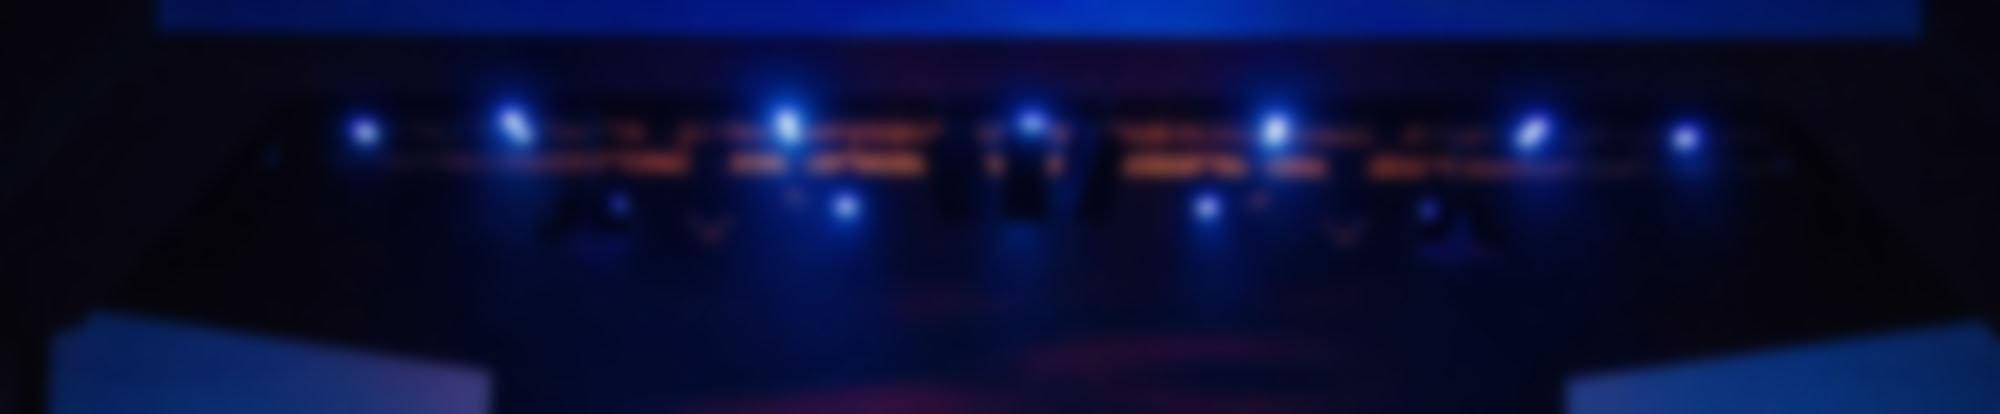 STAGE-LIGHTS-blur.jpg